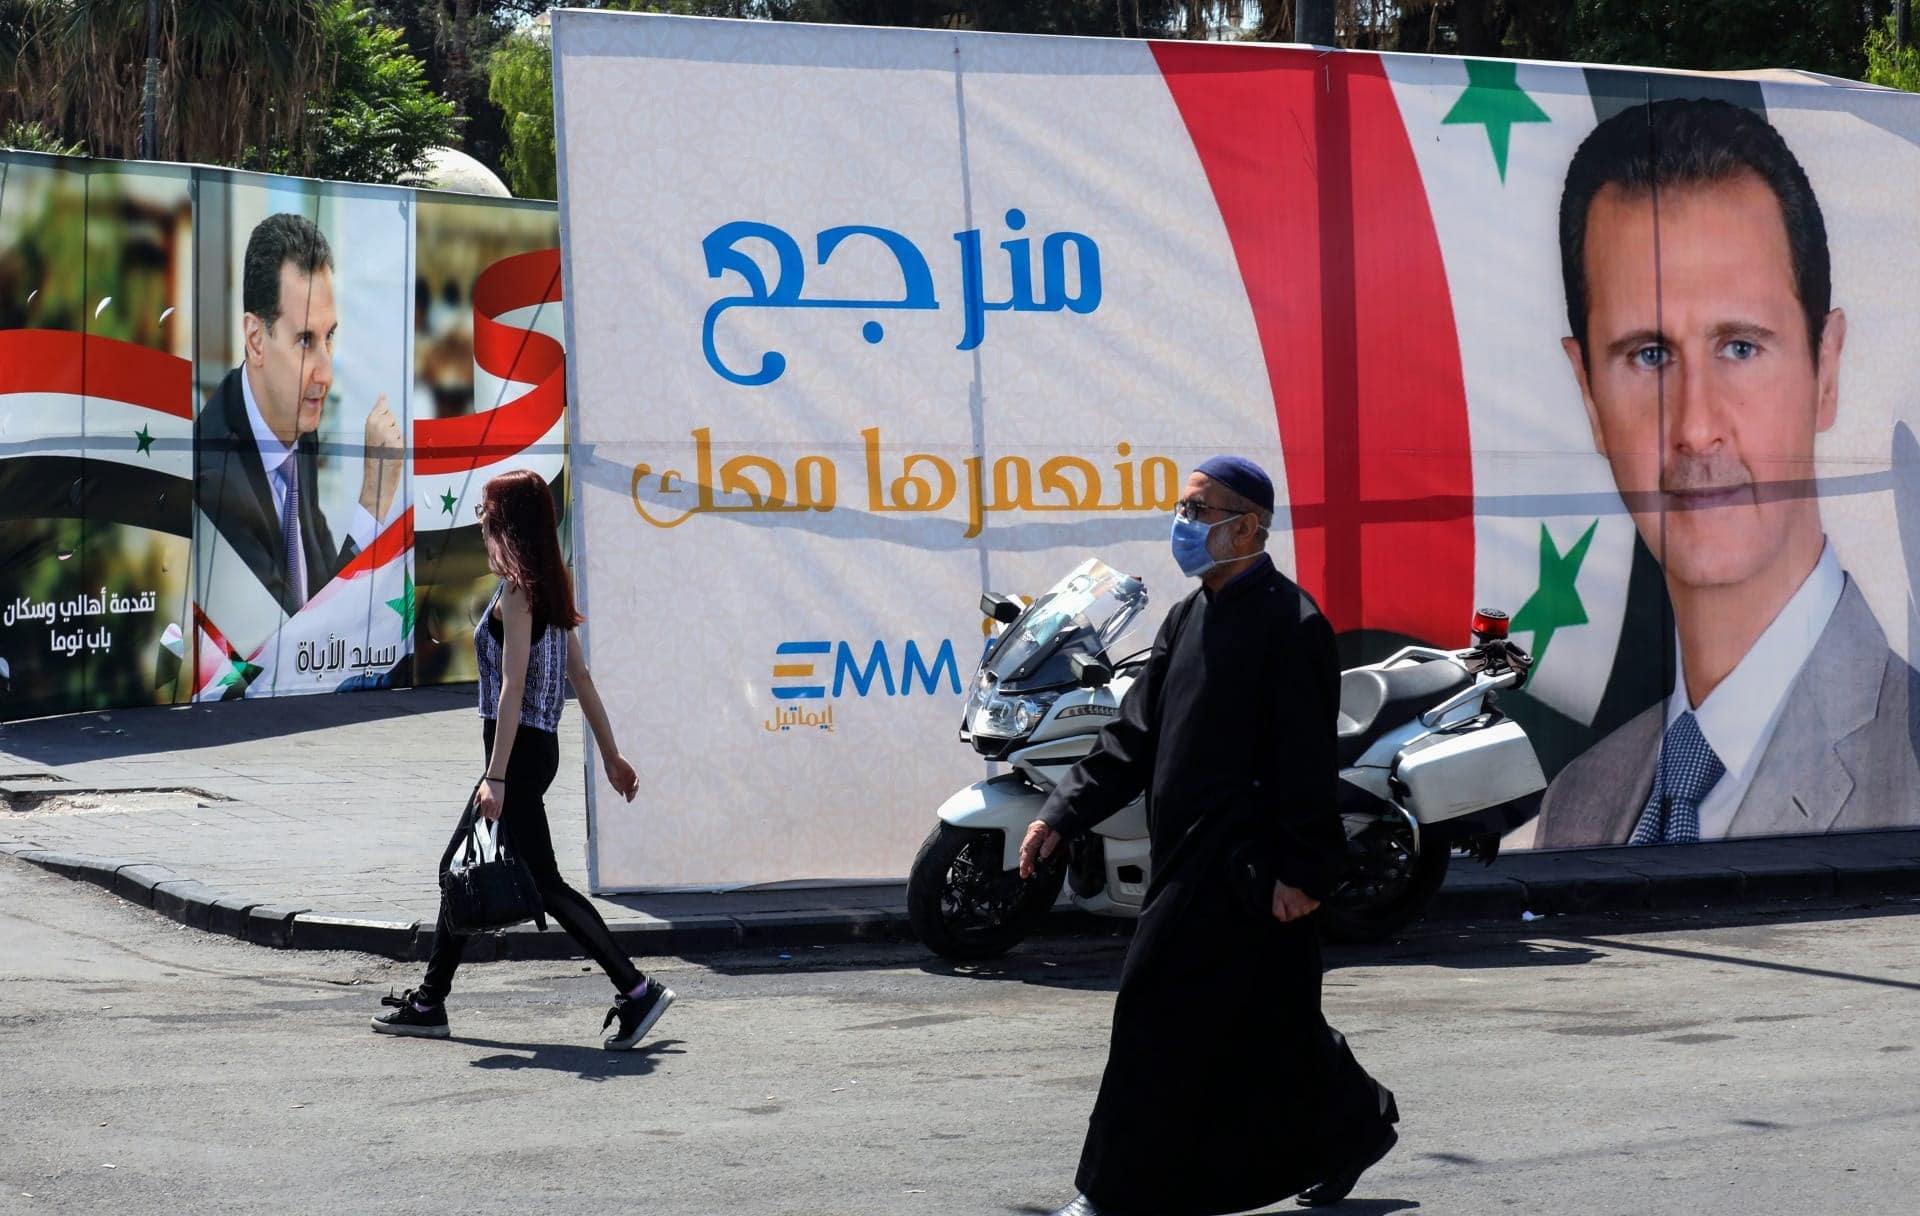 الأموات والمعتقلون والمهجرون ضمن المصوِّتين في انتخابات الرئاسة التي فاز بها بشار الأسد!